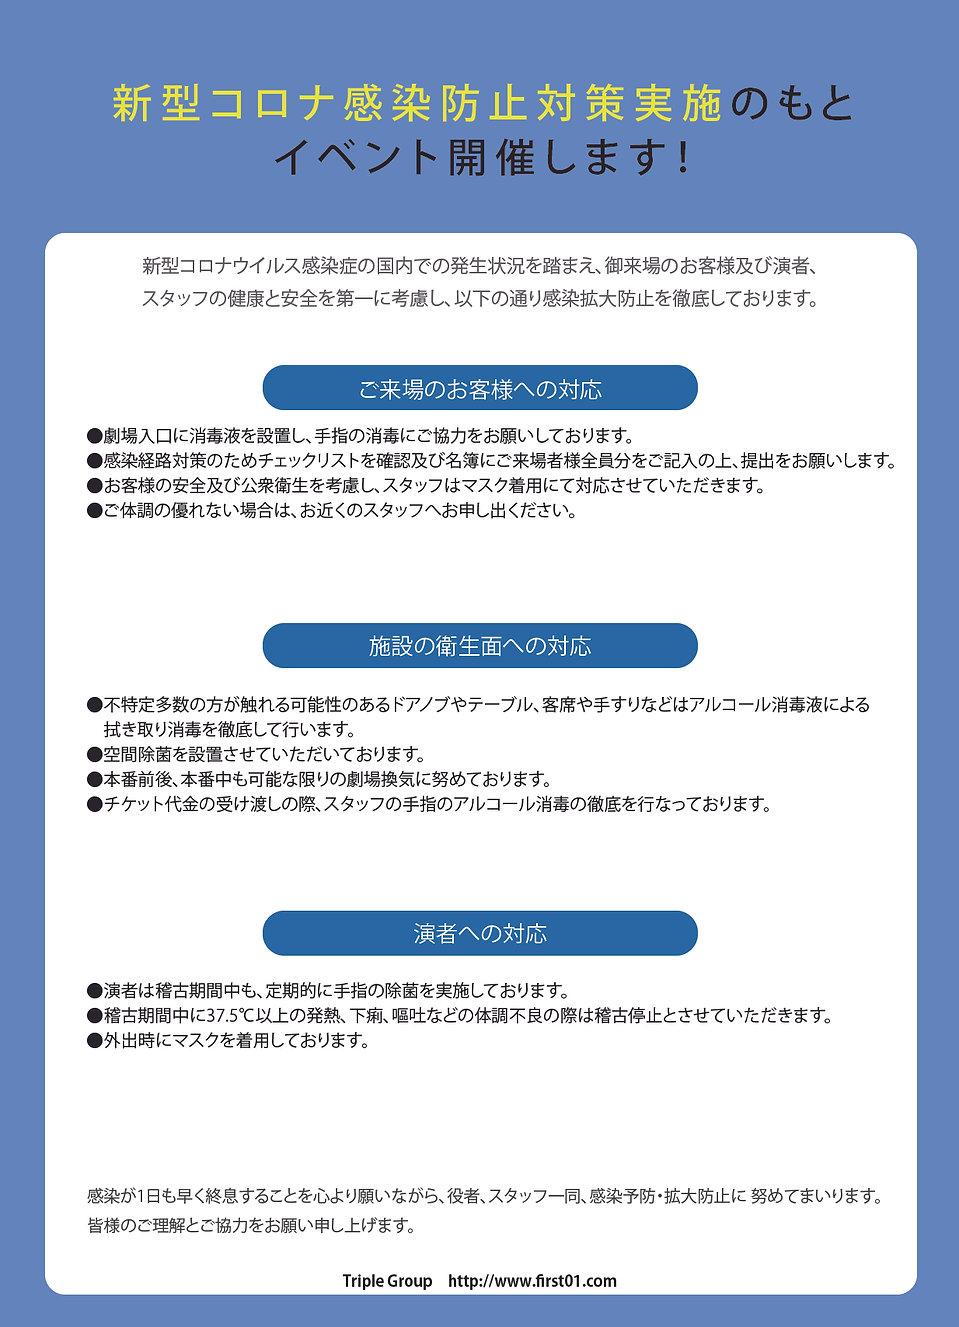 イベント開催対策tripleB.jpg